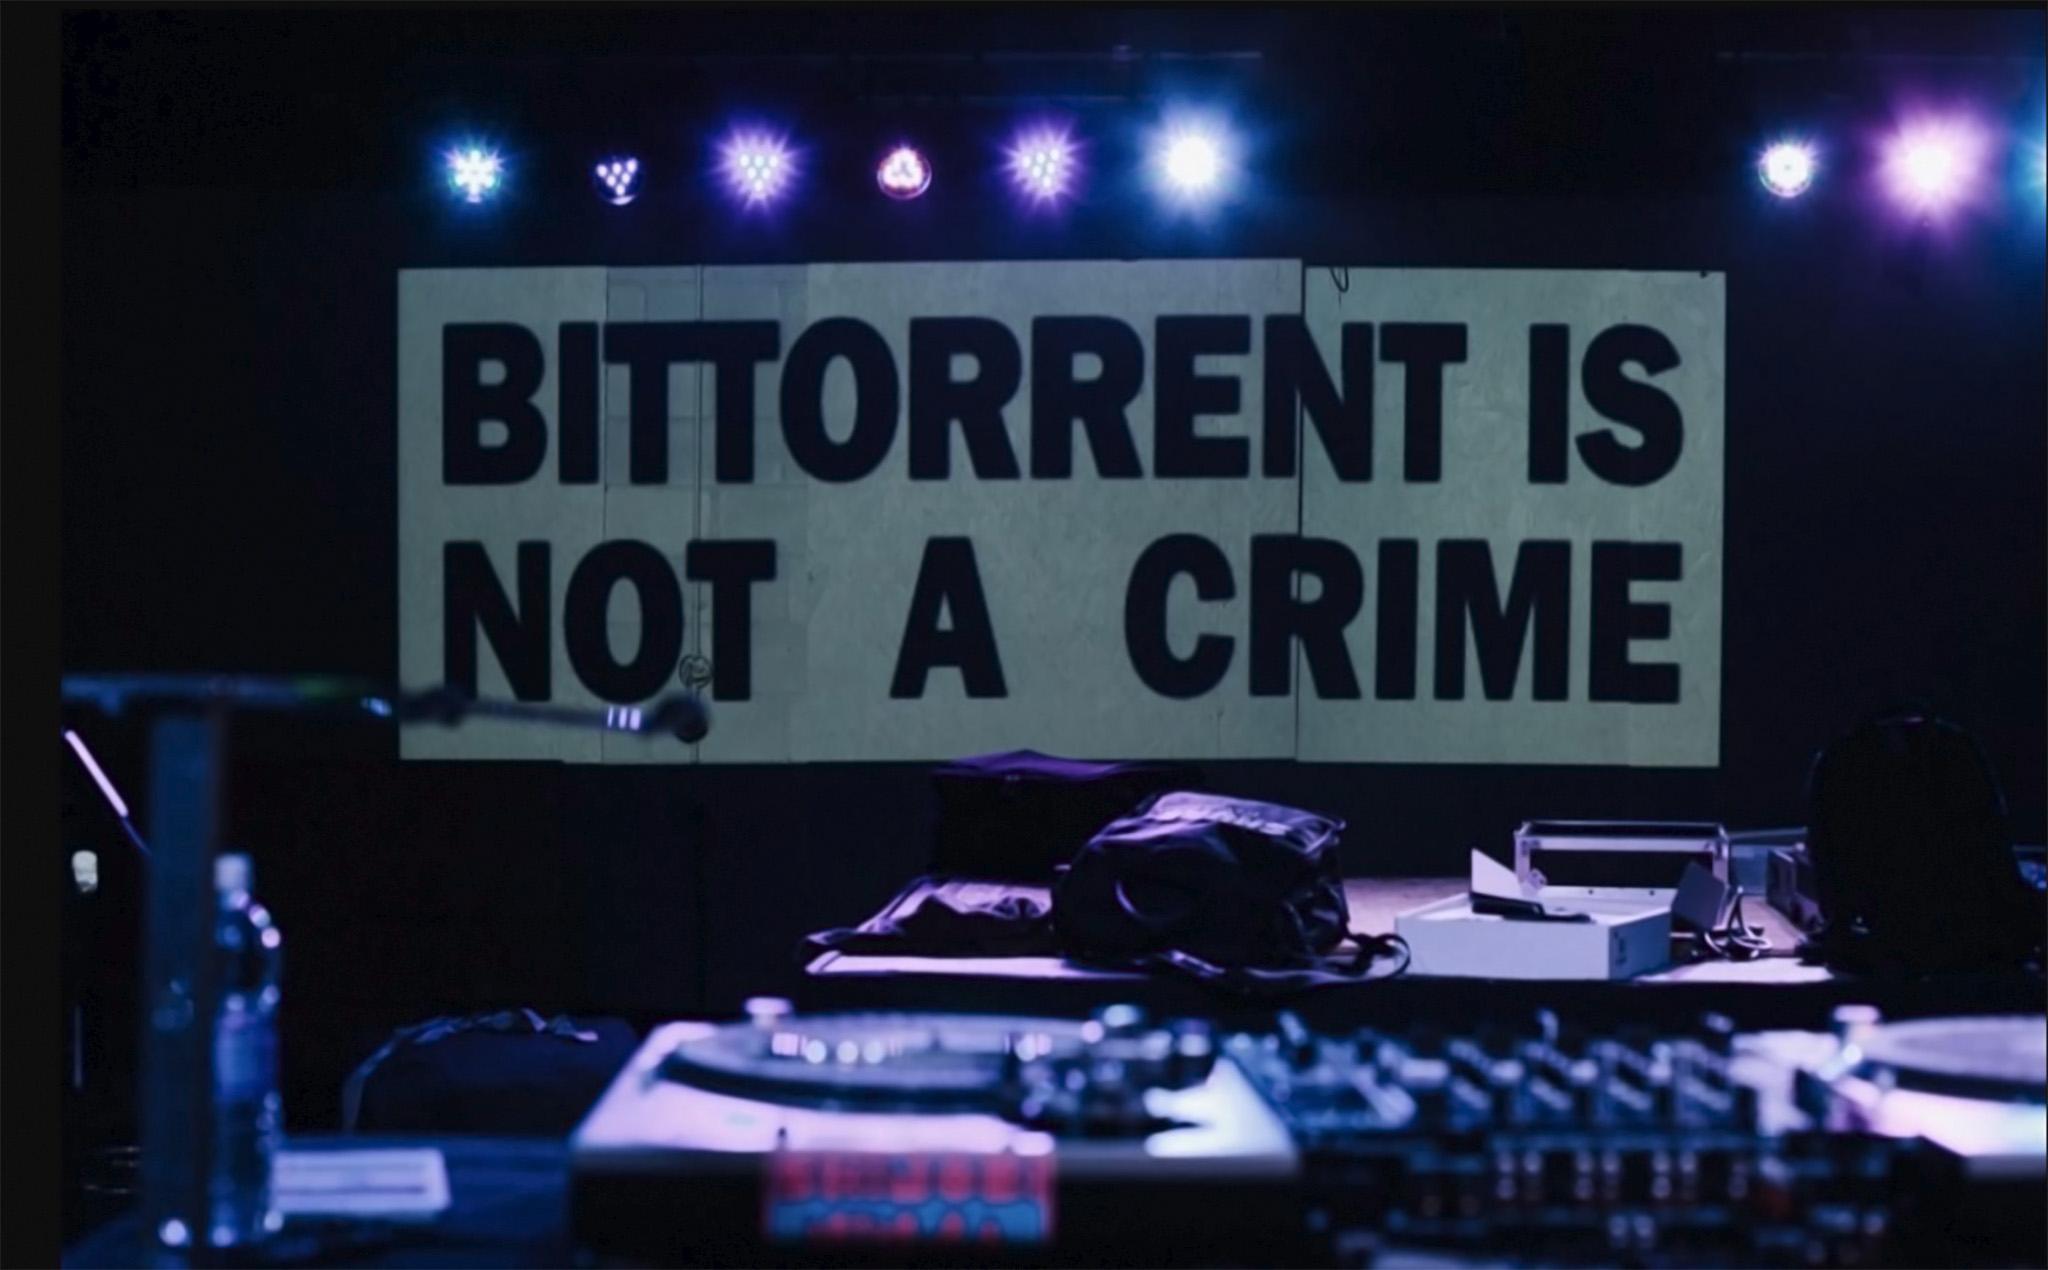 👨💻 Історія ідіотського провалу: чому BitTorrent тихо вмирає